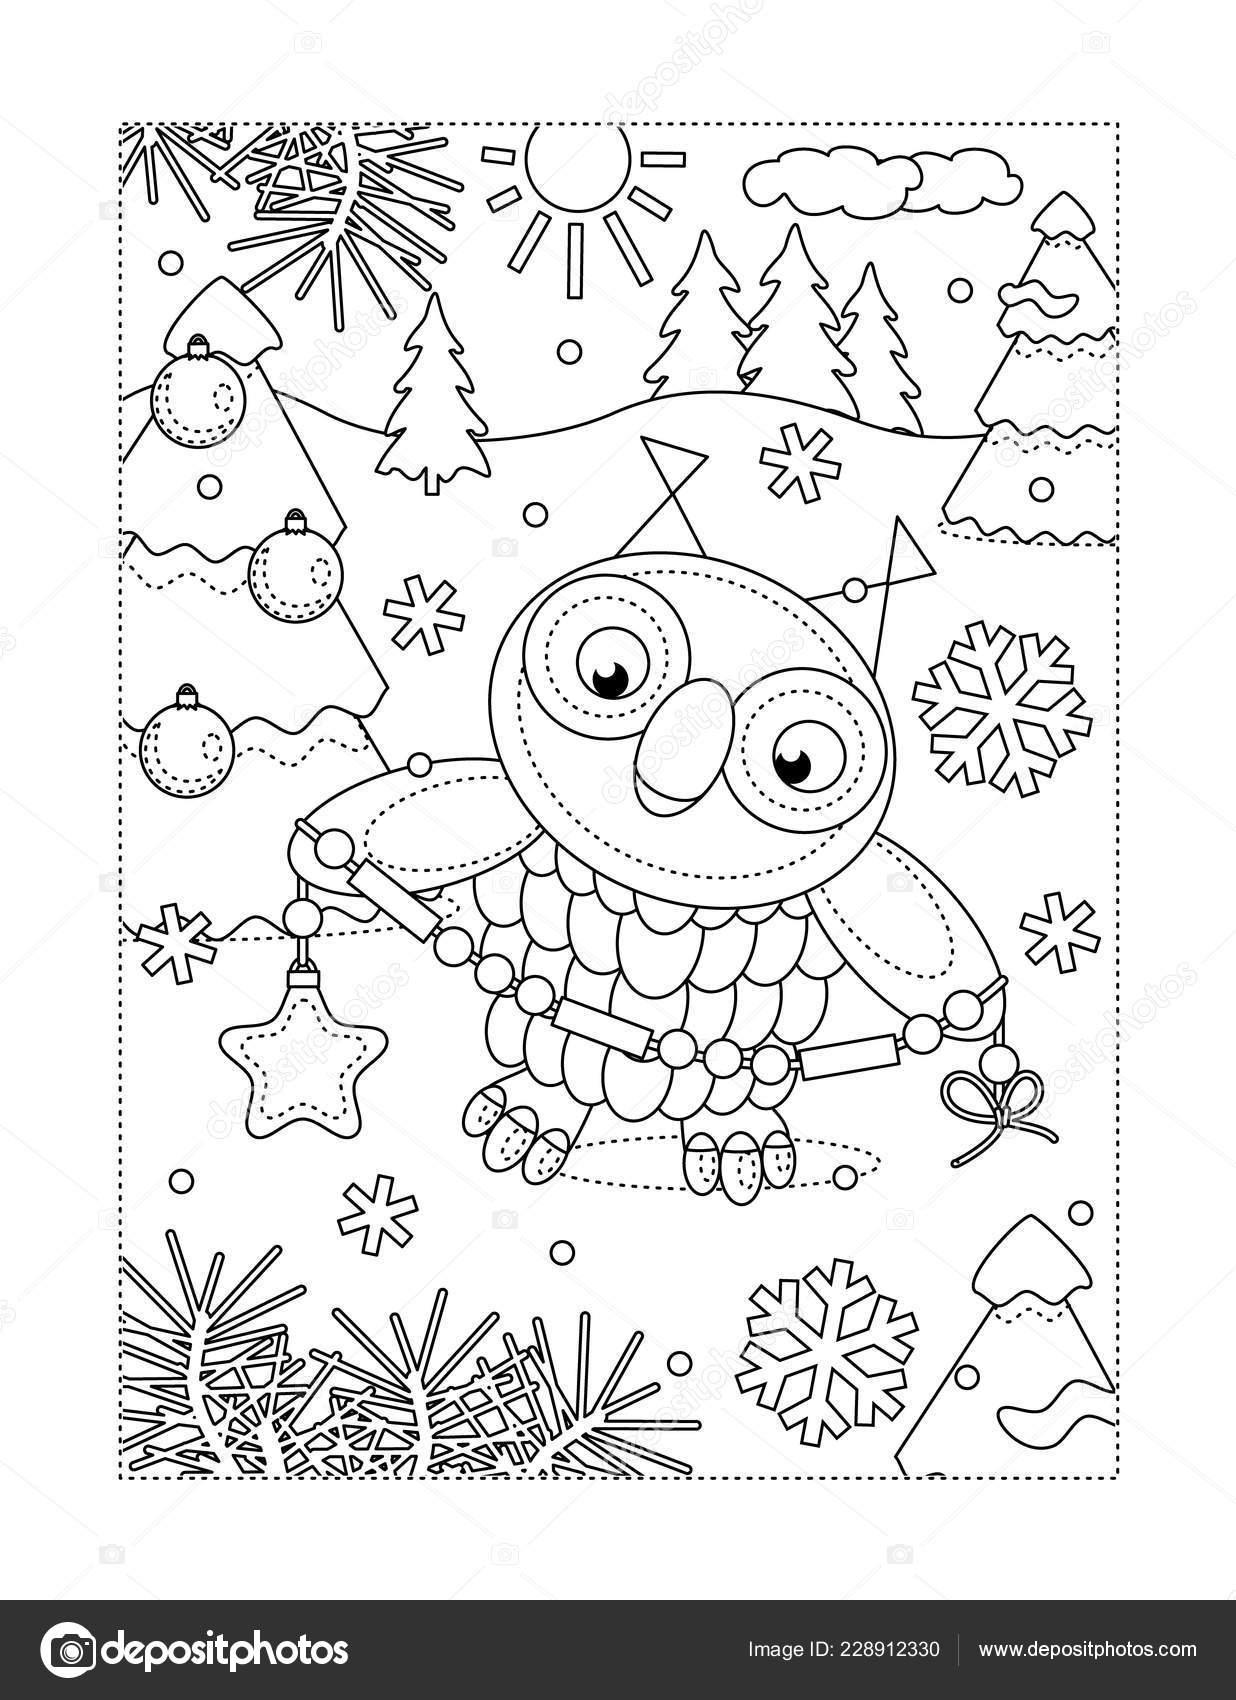 Kleurplaten Rond Winter.Winter Vakantie Vreugde Thema Kleurplaat Met Uil Kerstboom